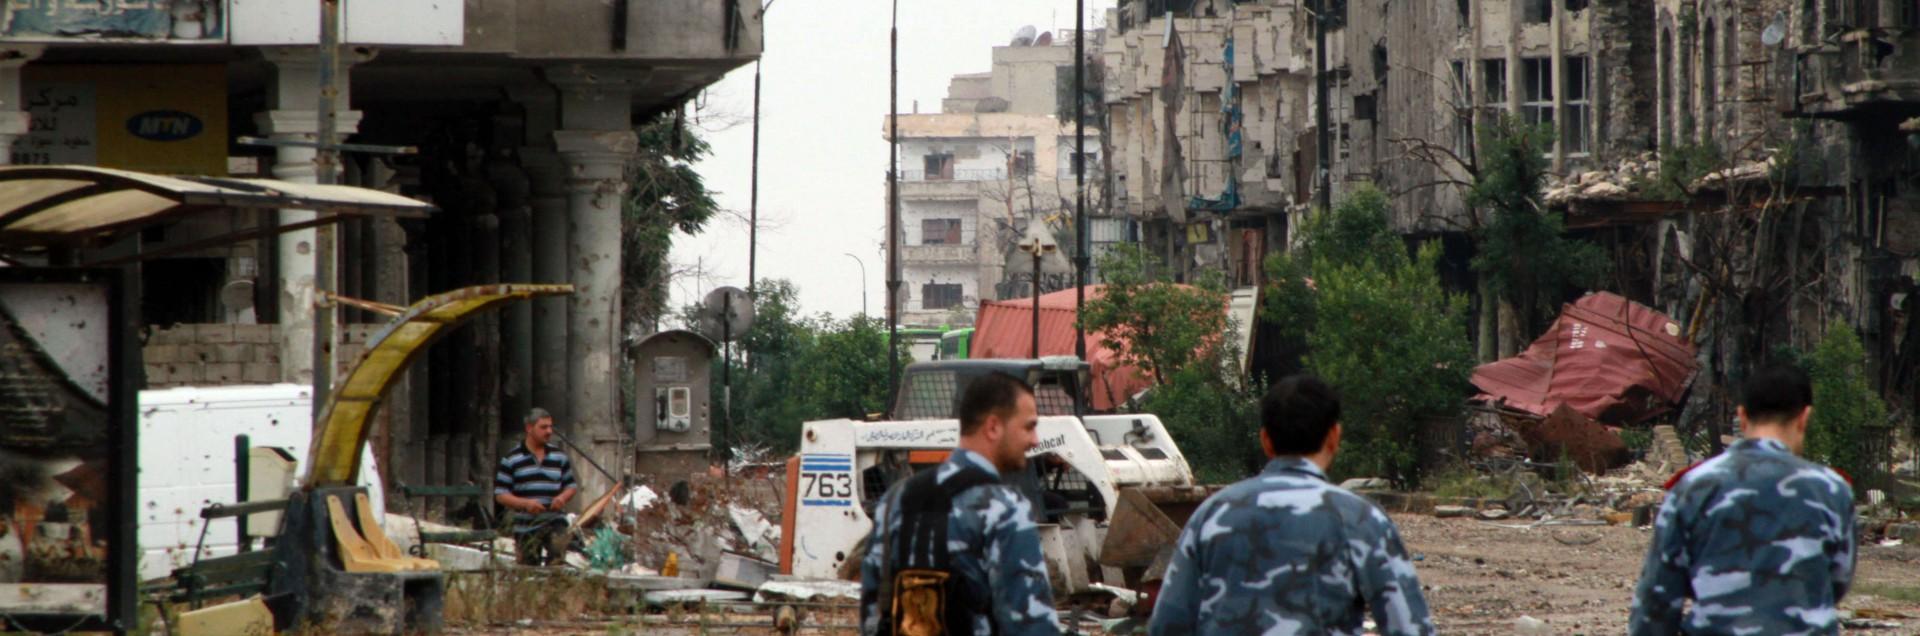 Homs, da città della rivoluzione <br>a cumulo di macerie (umane)